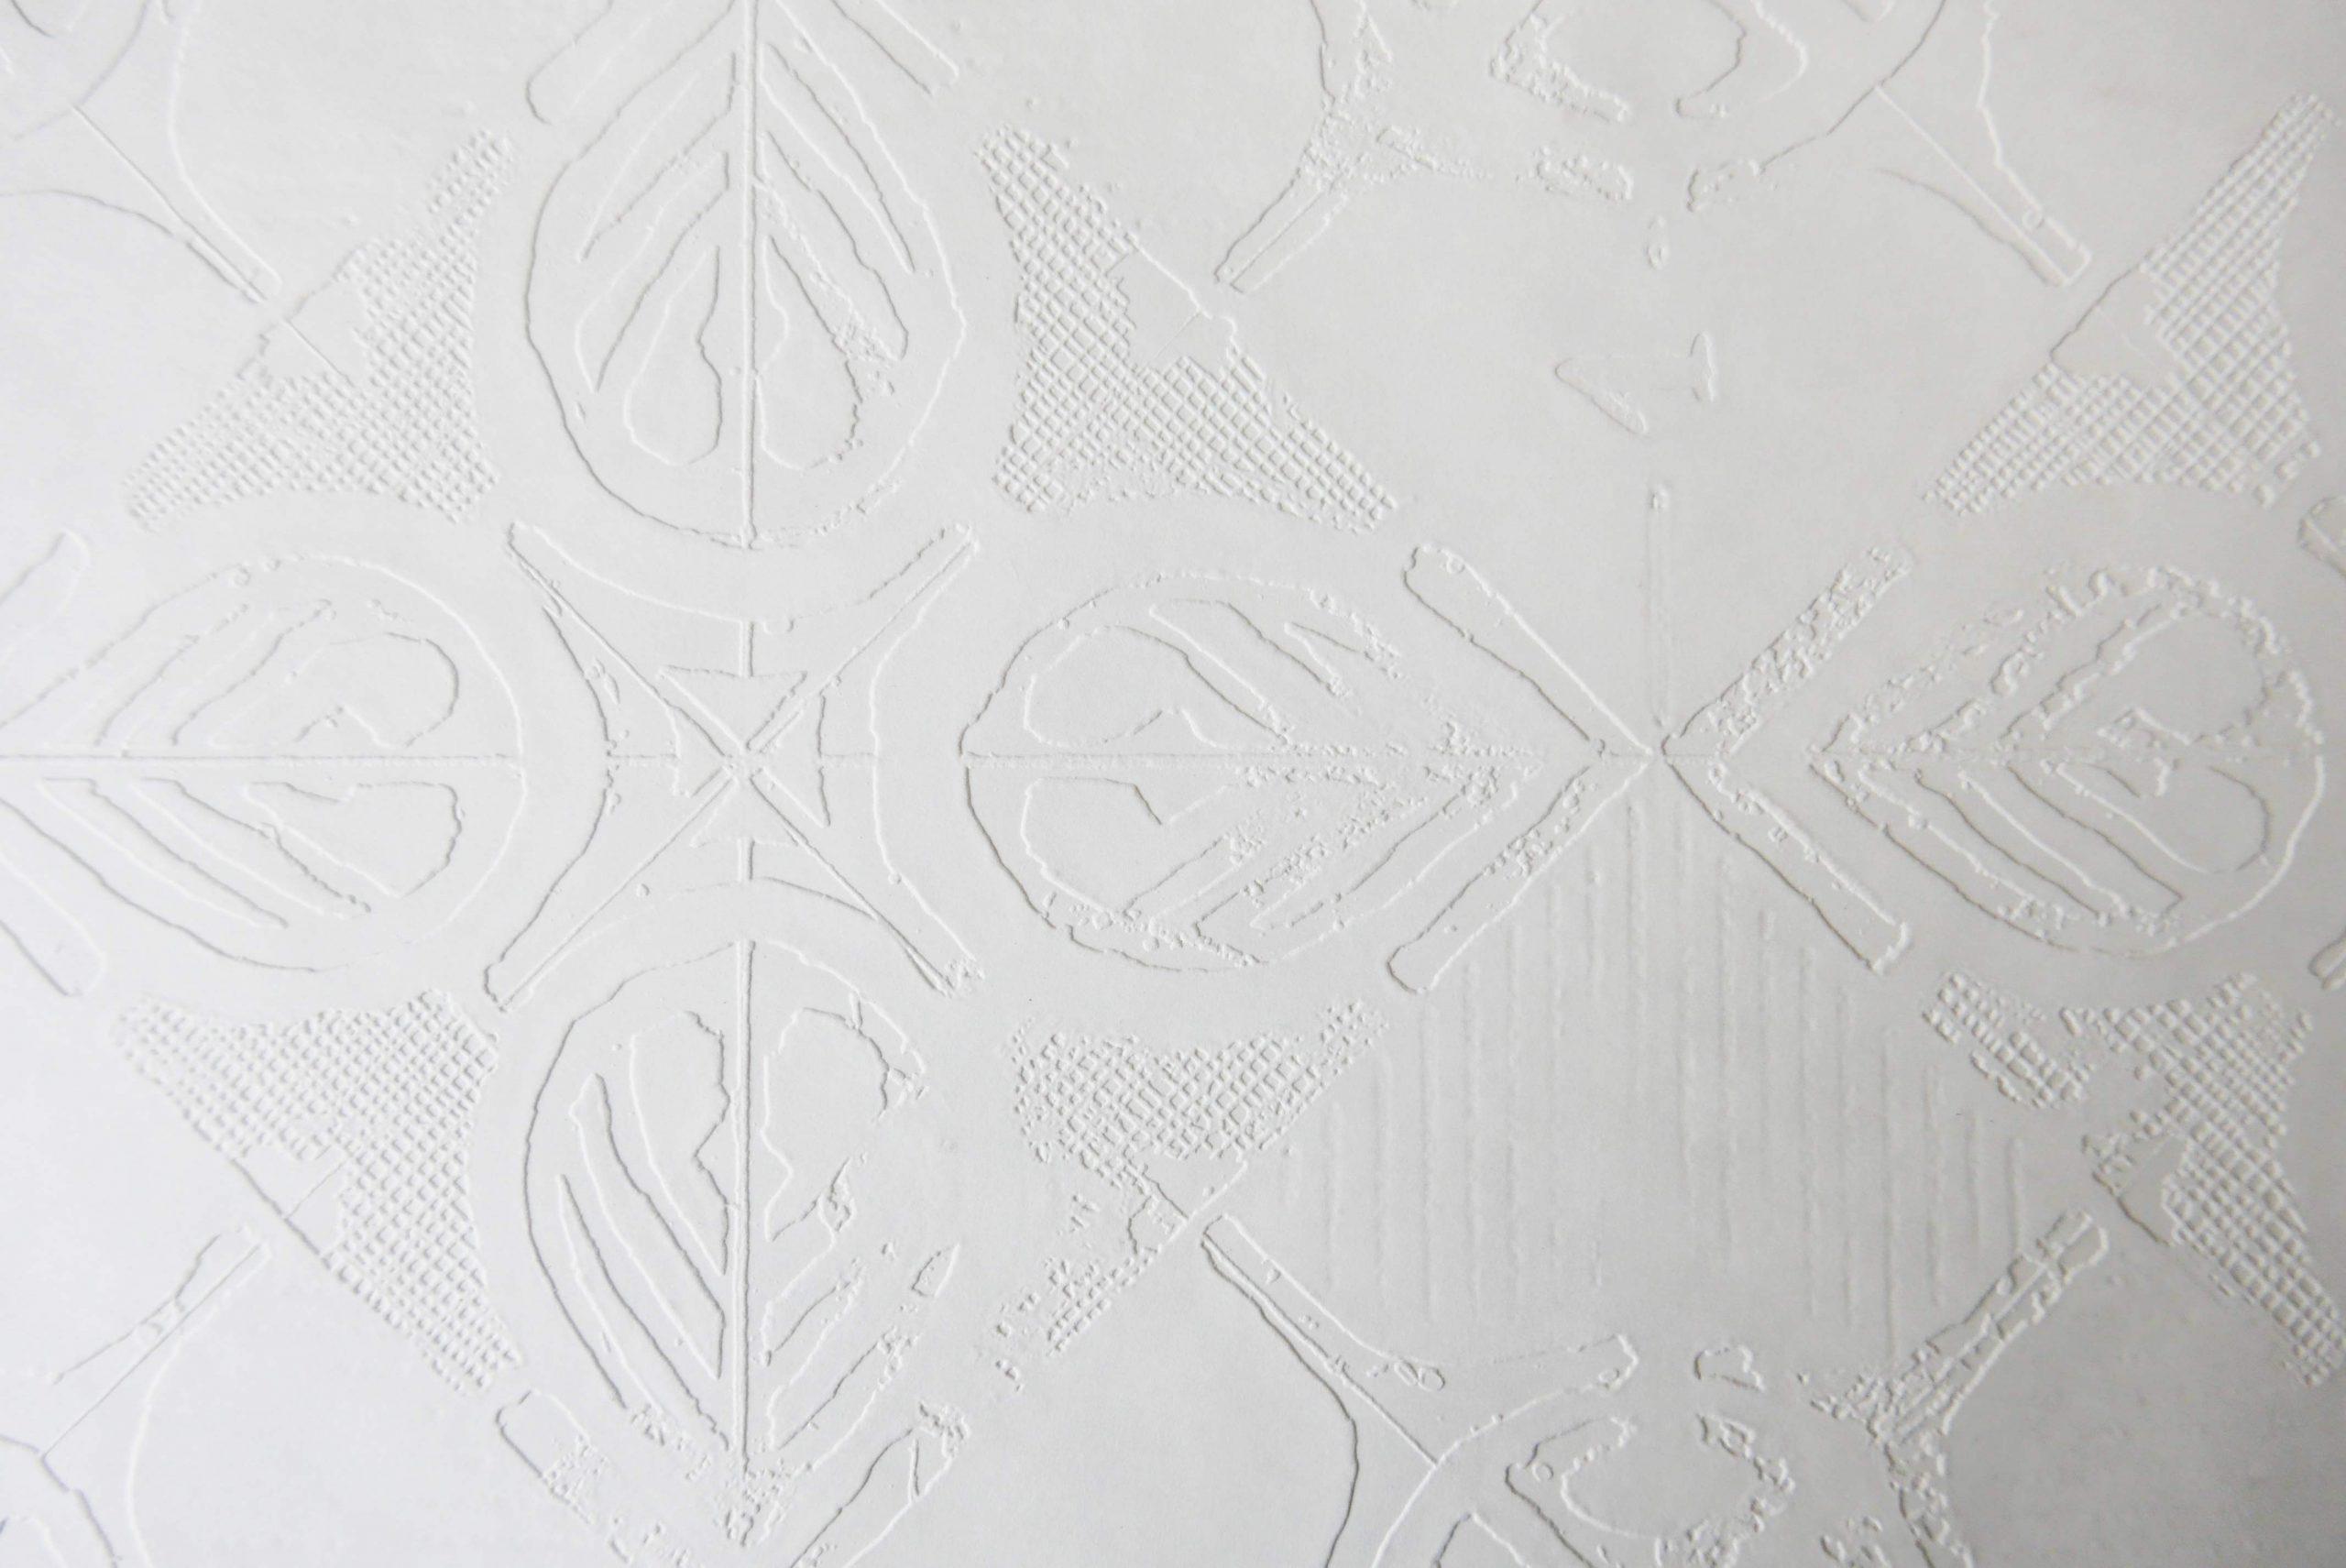 Weisses Papier und Prägedruck hier und jetzt und Zukunftsvisionen